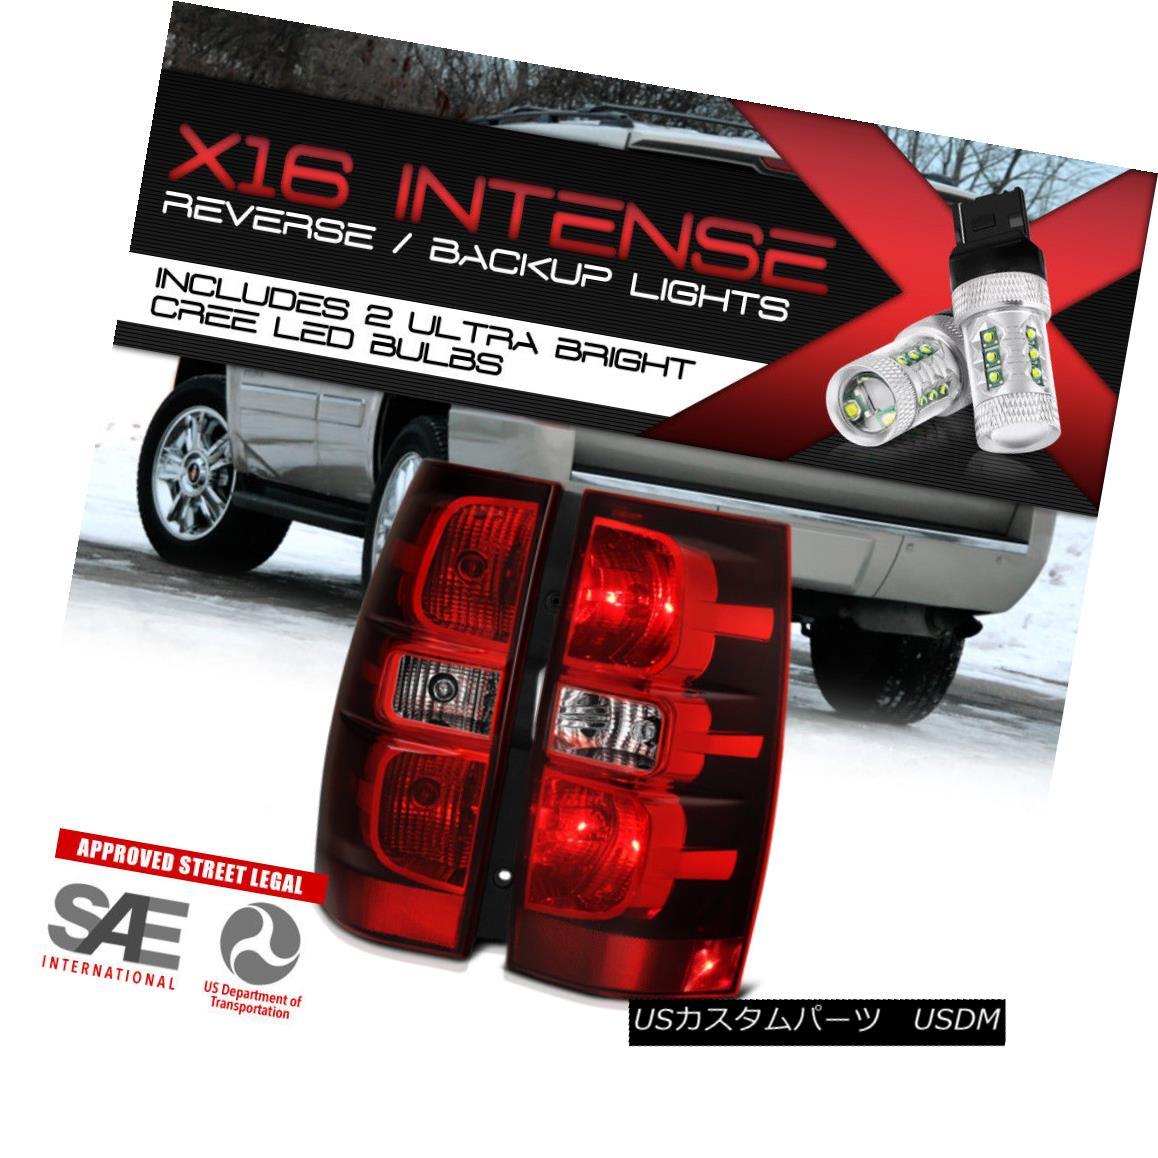 テールライト For!High-Power CREE Reverse! Tail XL Lights For Suburban 2007-2013 Tahoe Suburban Yukon XL SET ハイパワークリーリバース! 2007-2013タホ郊外ユーコンXLセットのテールライト, 低糖専門キッチン源喜:de17528b --- officewill.xsrv.jp